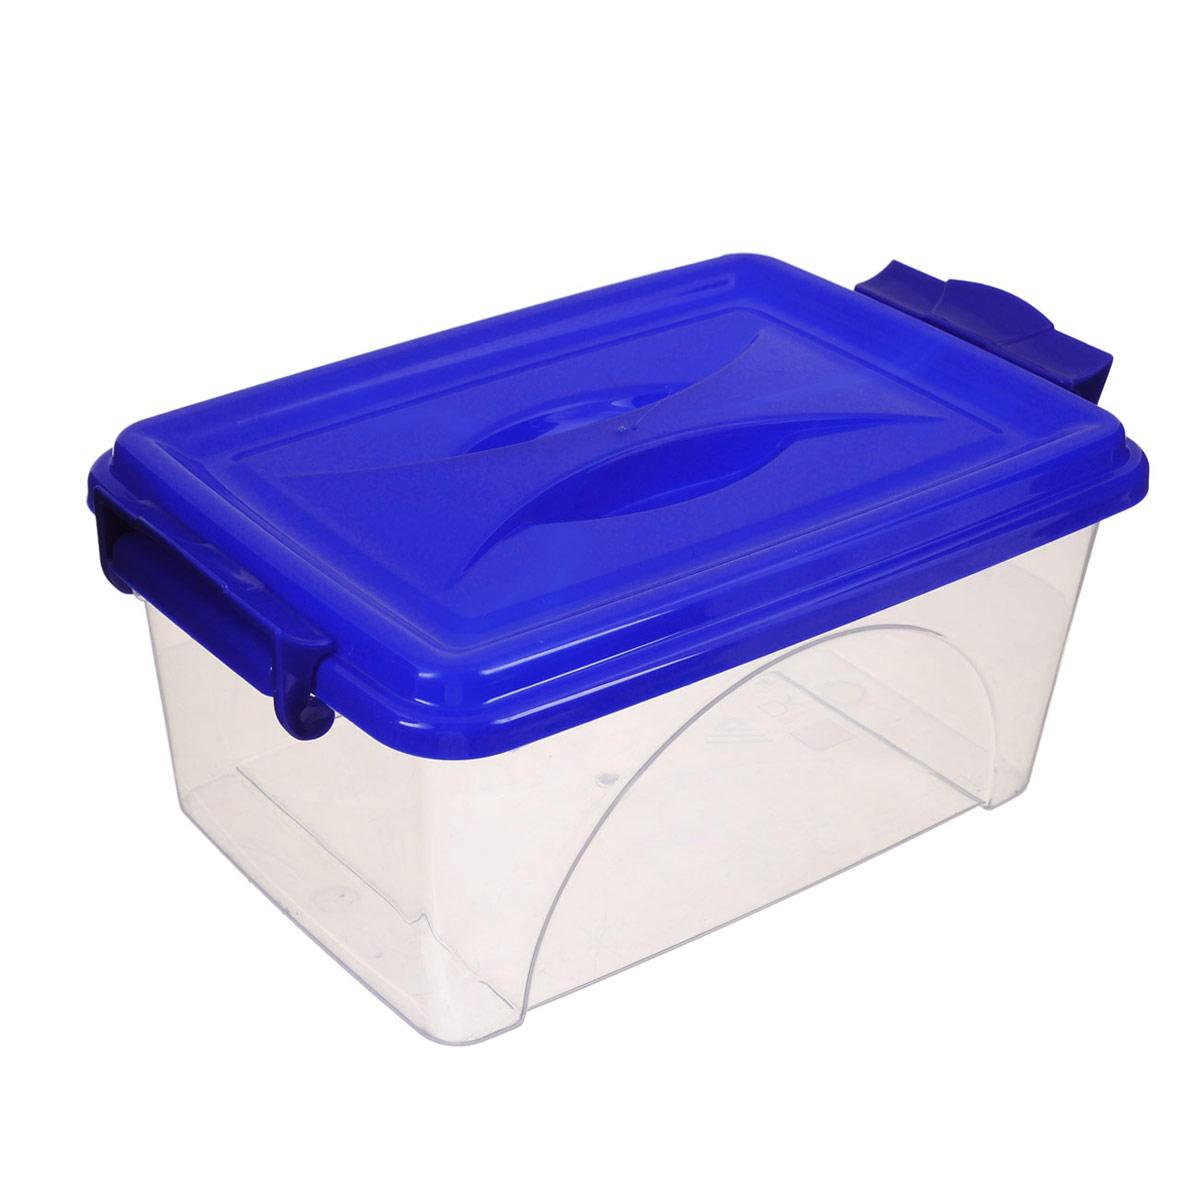 Контейнер Альтернатива, цвет: синий, 2,5 лМ421Контейнер Альтернатива выполнен из прочного пластика. Он предназначен для хранения различных мелких вещей. Крышка легко открывается и плотно закрывается. Прозрачные стенки позволяют видеть содержимое. По бокам предусмотрены две удобные ручки, с помощью которых контейнер закрывается.Контейнер поможет хранить все в одном месте, а также защитить вещи от пыли, грязи и влаги.